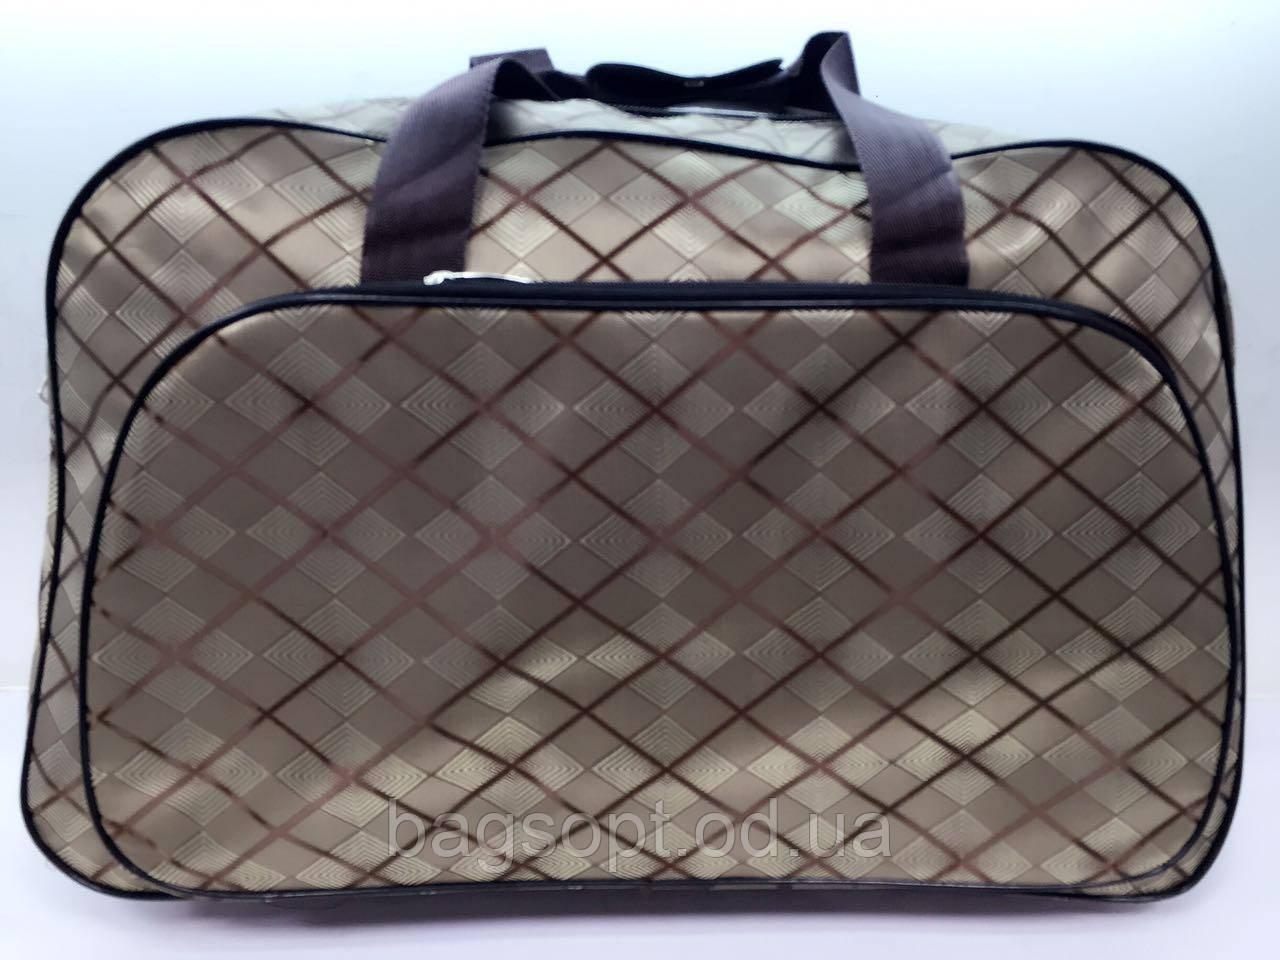 Женская дорожная сумка-саквояж текстильная коричневая для путешествий